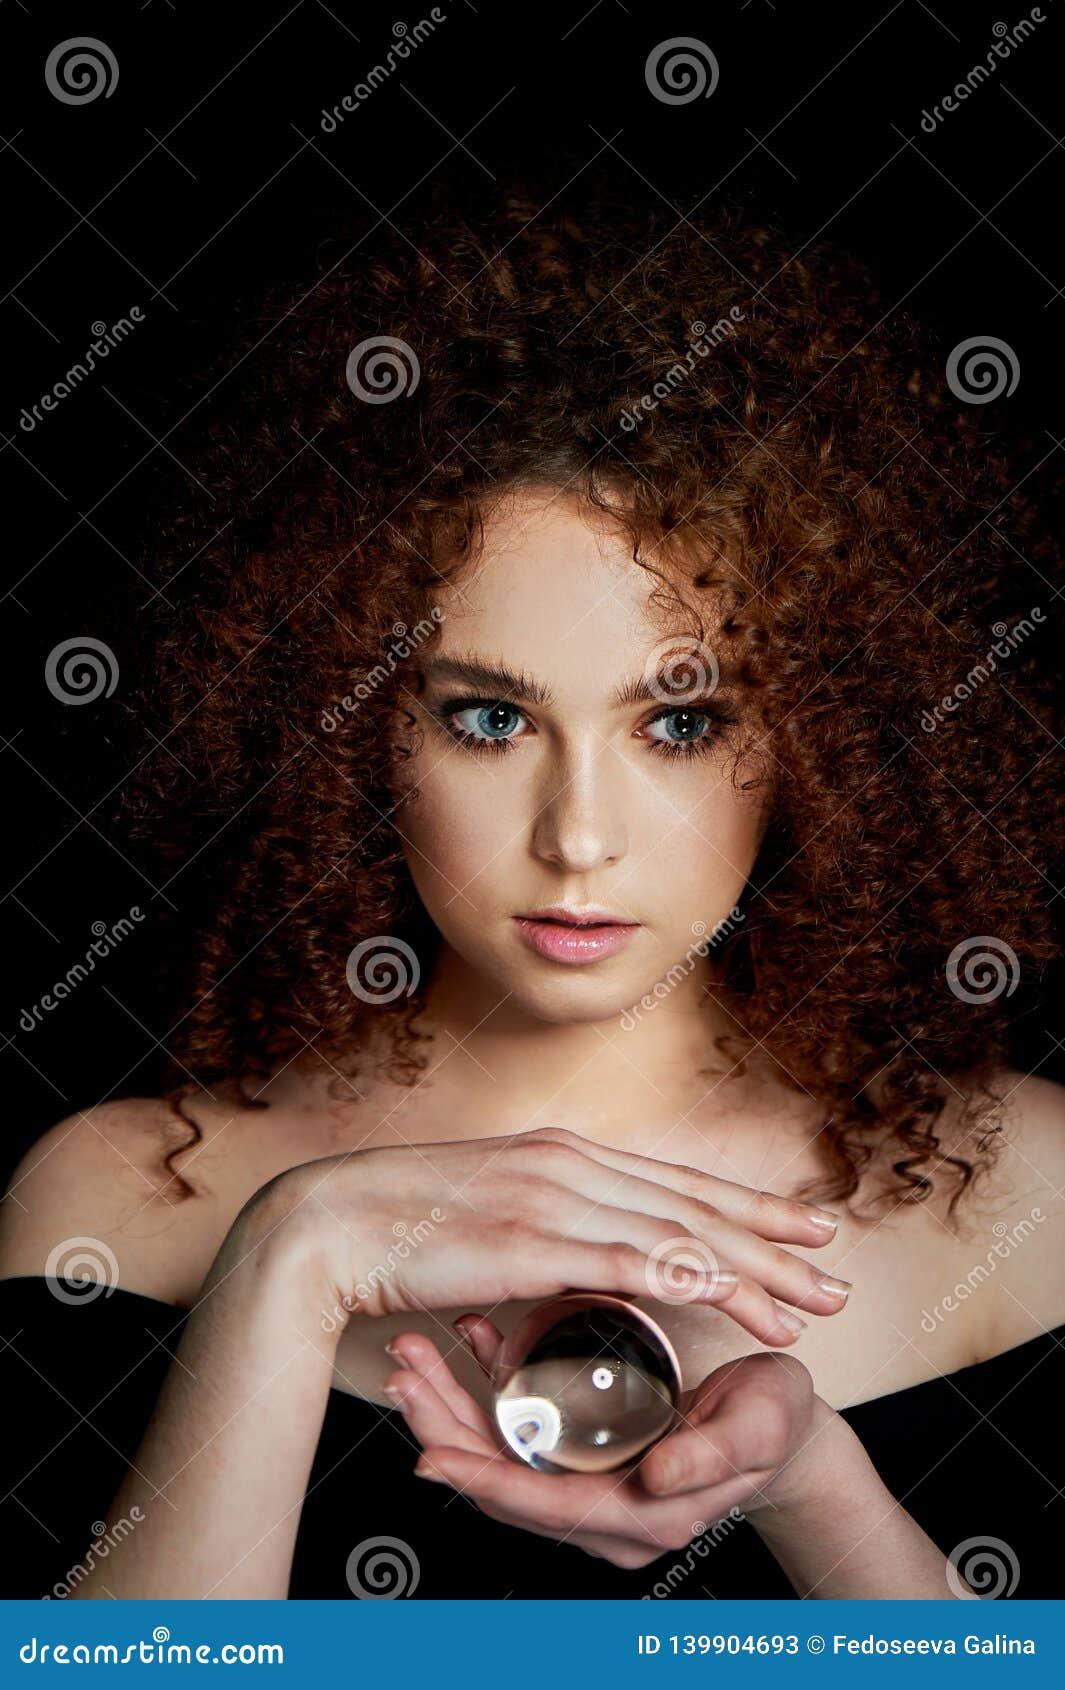 Девушка с сочными курчавыми красными волосами Владения в его руках стеклянный глобус Тайна, предчувствие будущего